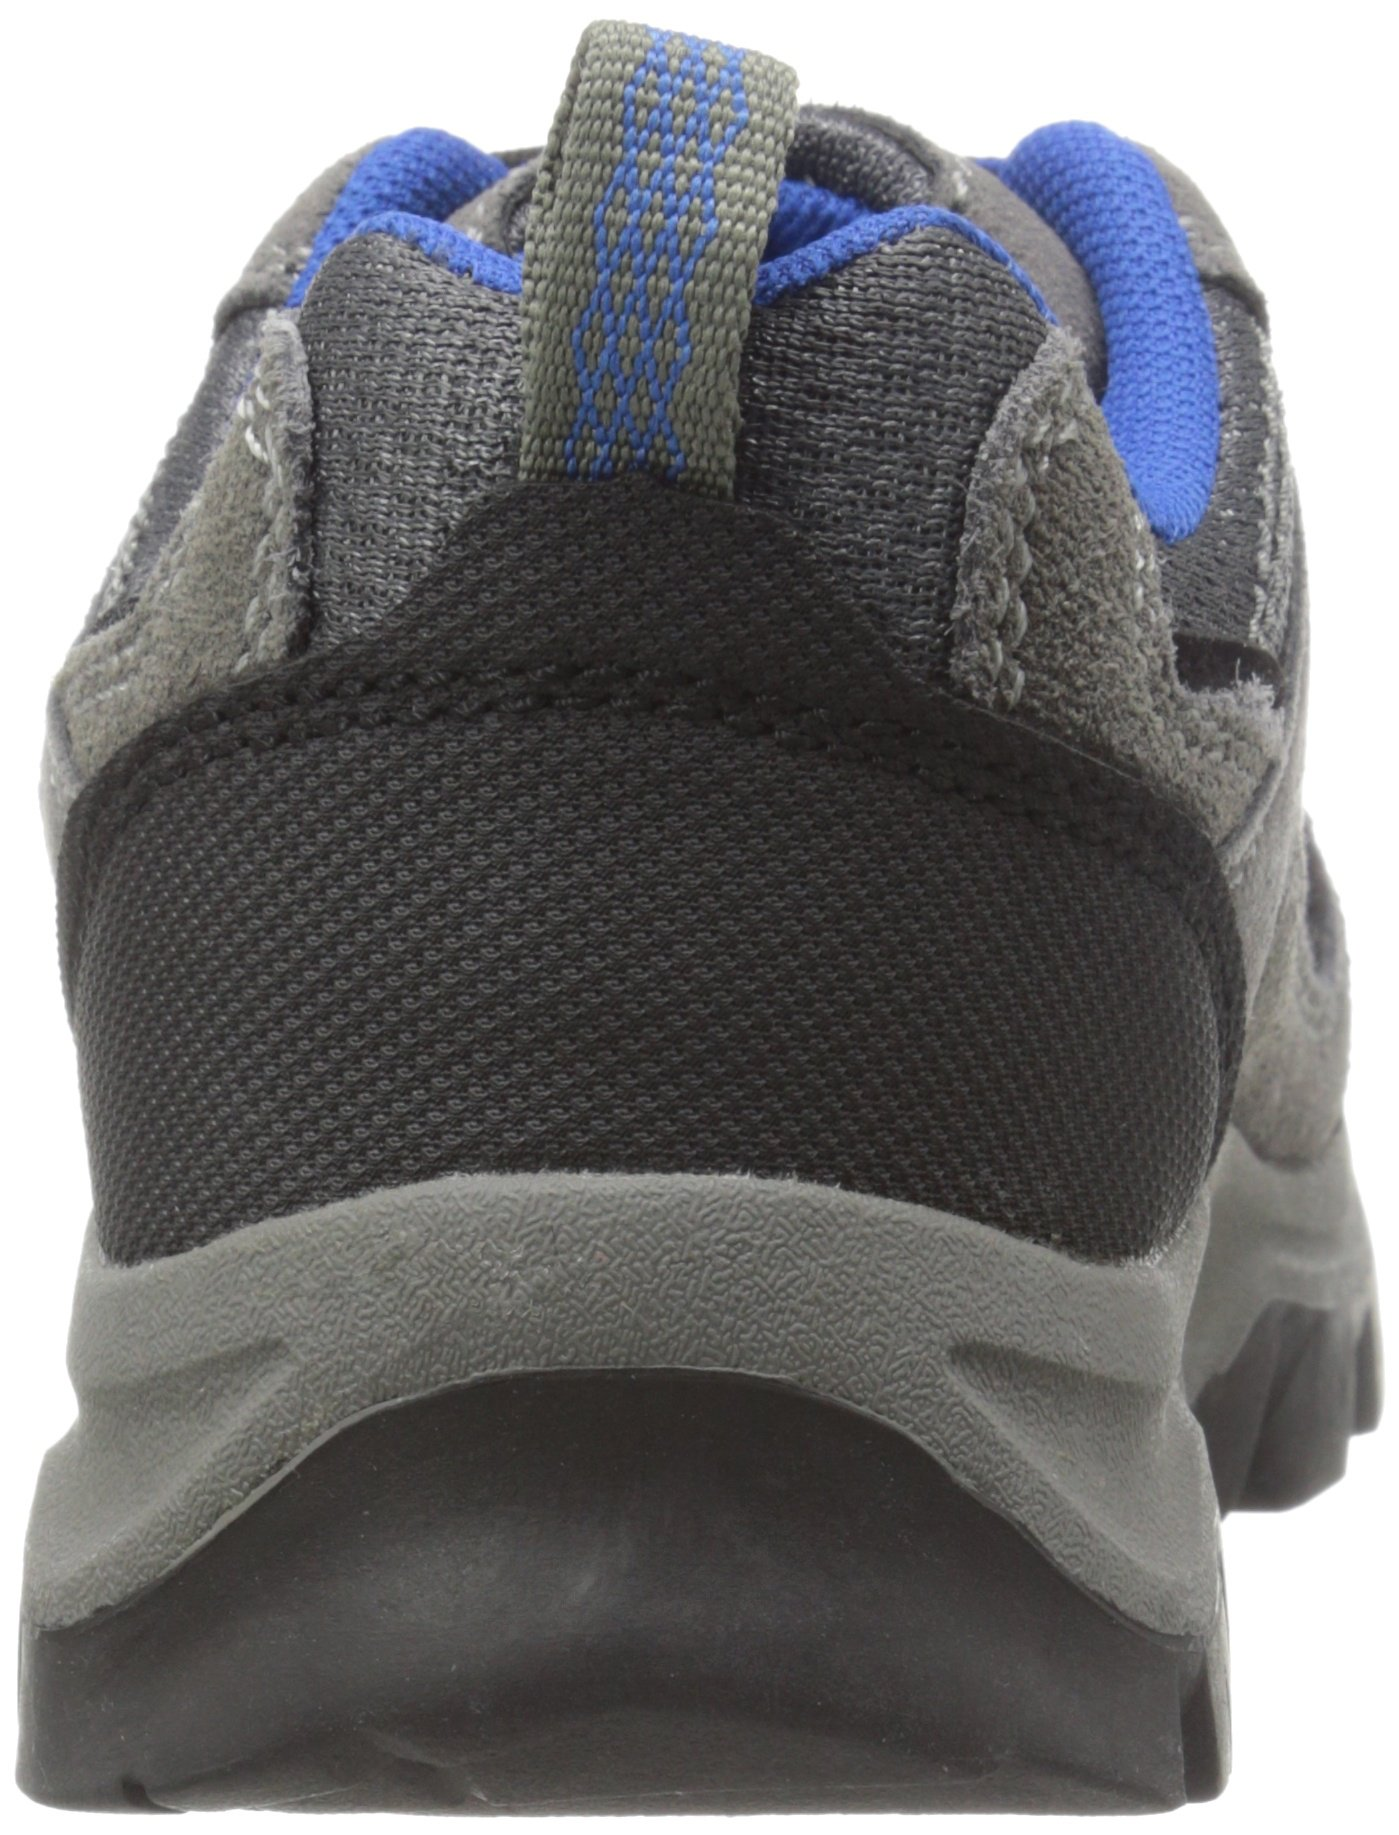 Hi-Tec Hillside Low WP Jr - K, Charcoal/Blue/Black, 6 M US Big Kid by Hi-Tec (Image #2)